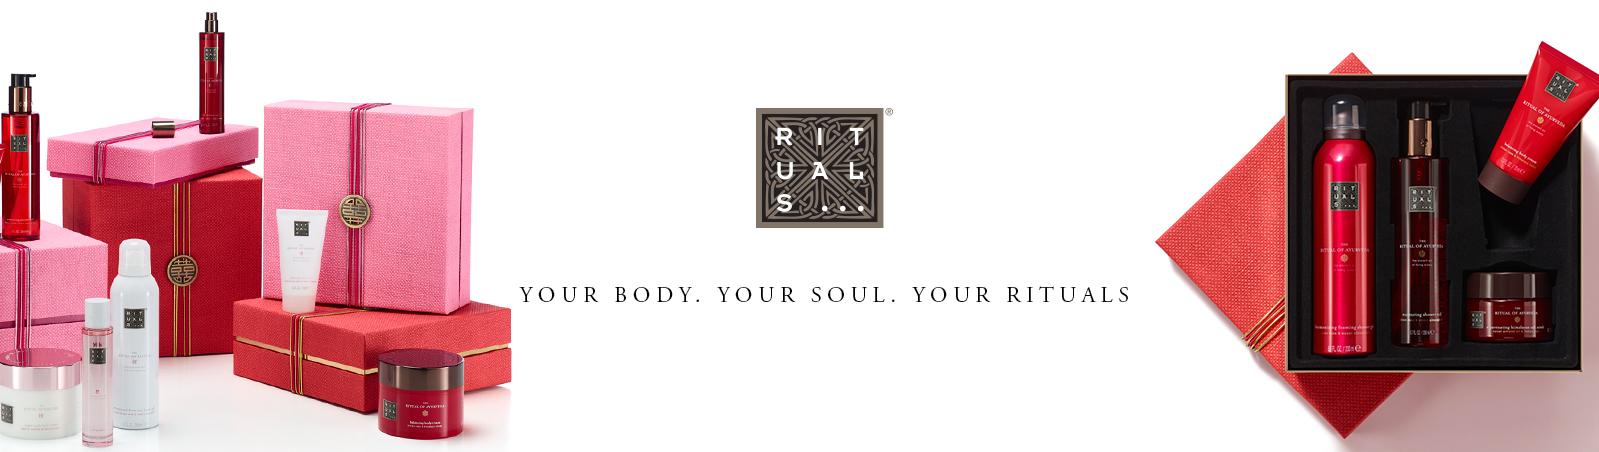 Rituals pakketten als luxe relatiegeschenk